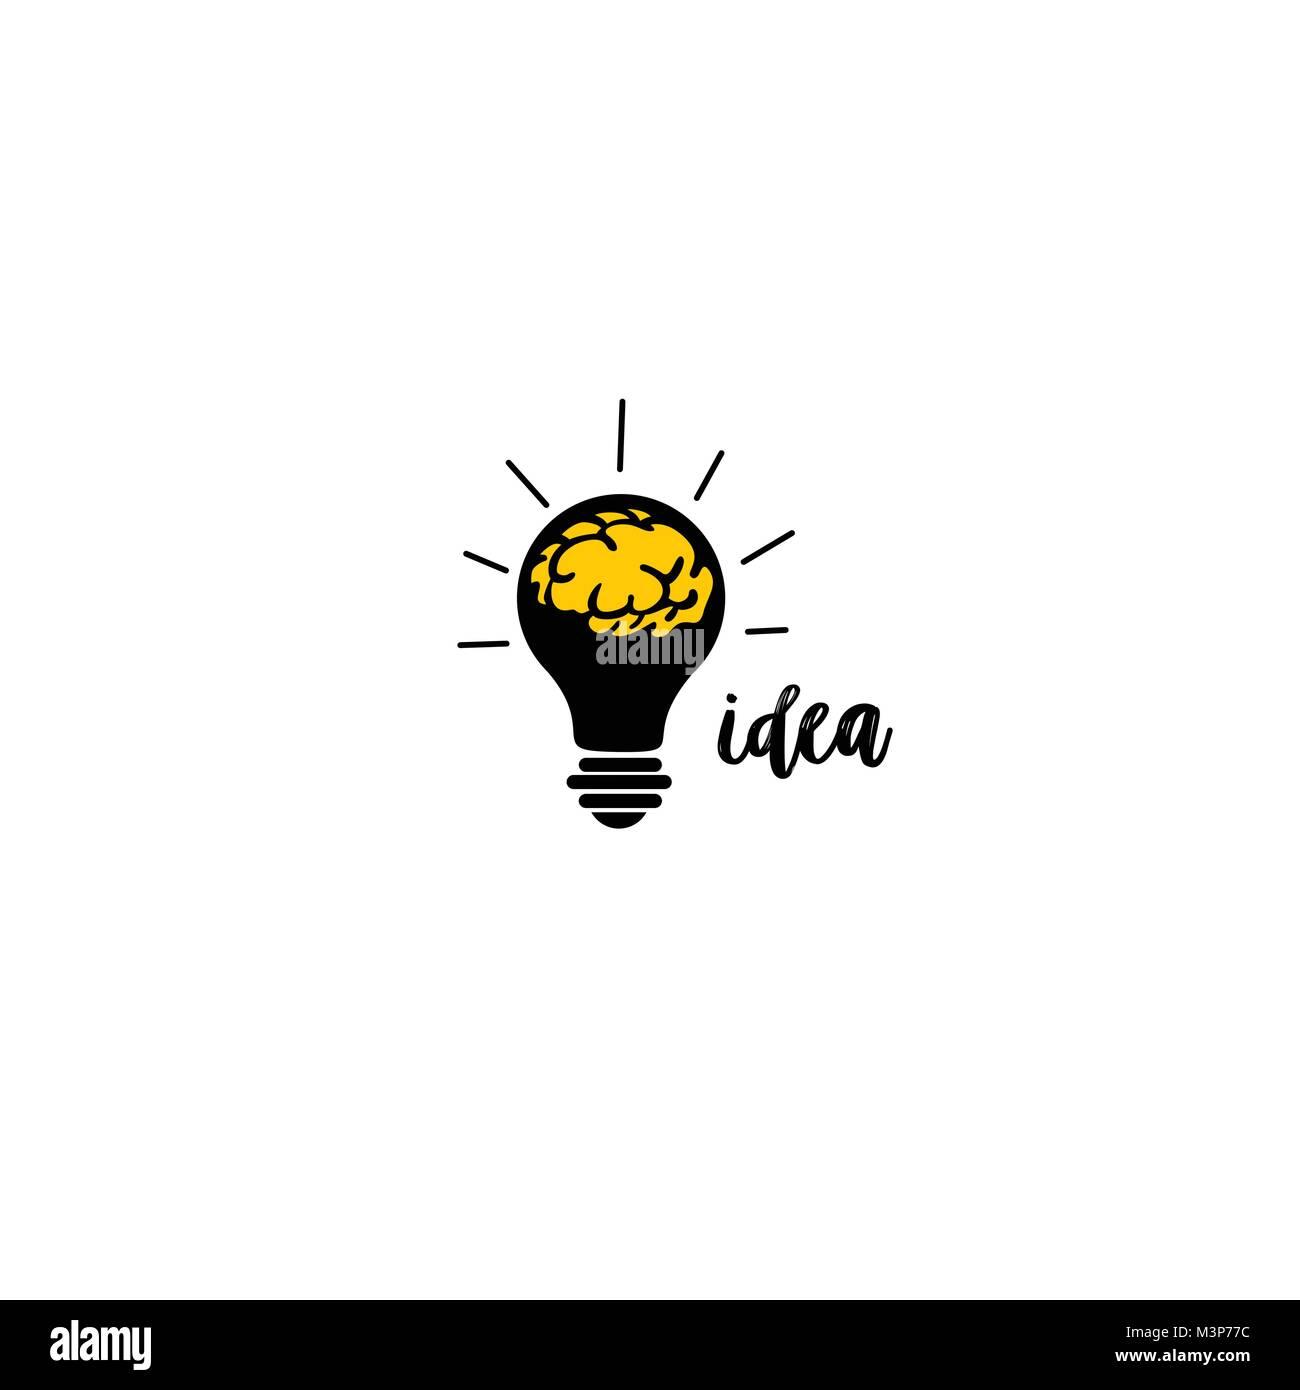 idea concept vector illustration design. - Stock Image